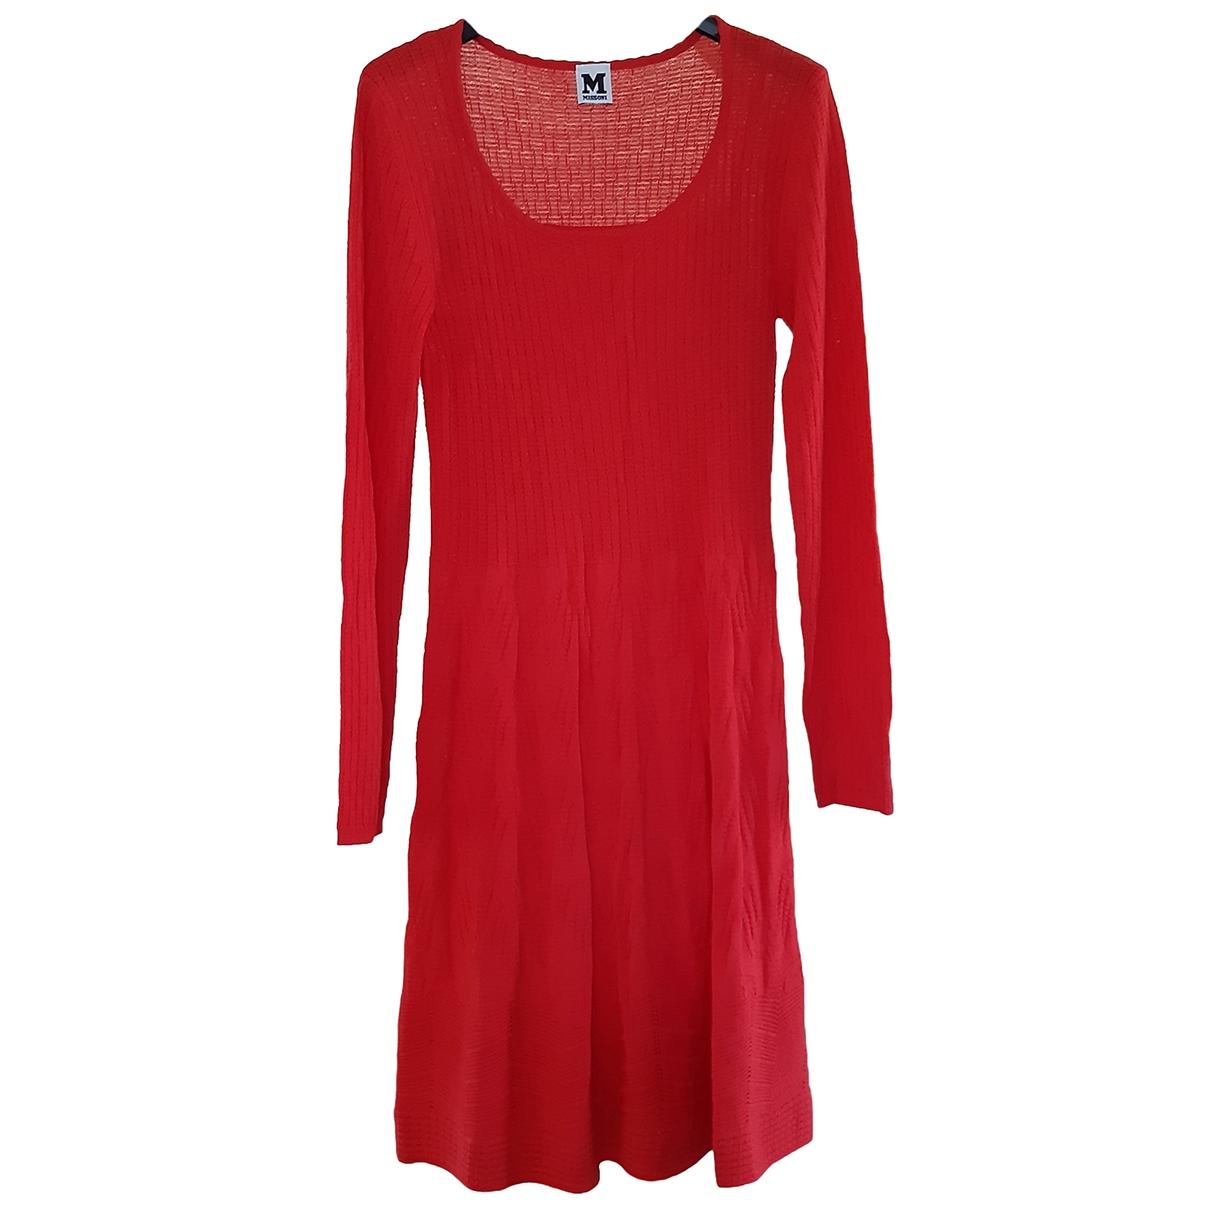 M Missoni \N Kleid in  Rot Baumwolle - Elasthan